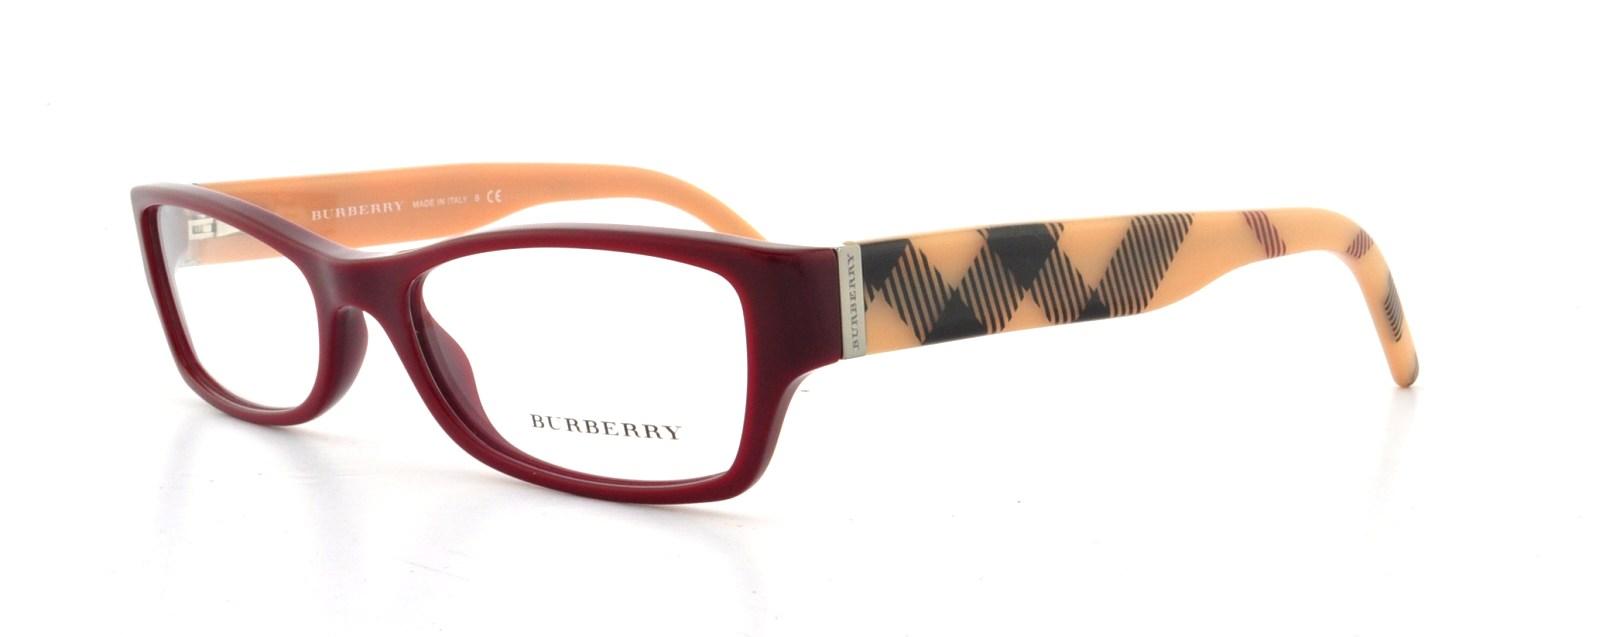 080698ef22e1 Designer Frames Outlet. Burberry BE2094